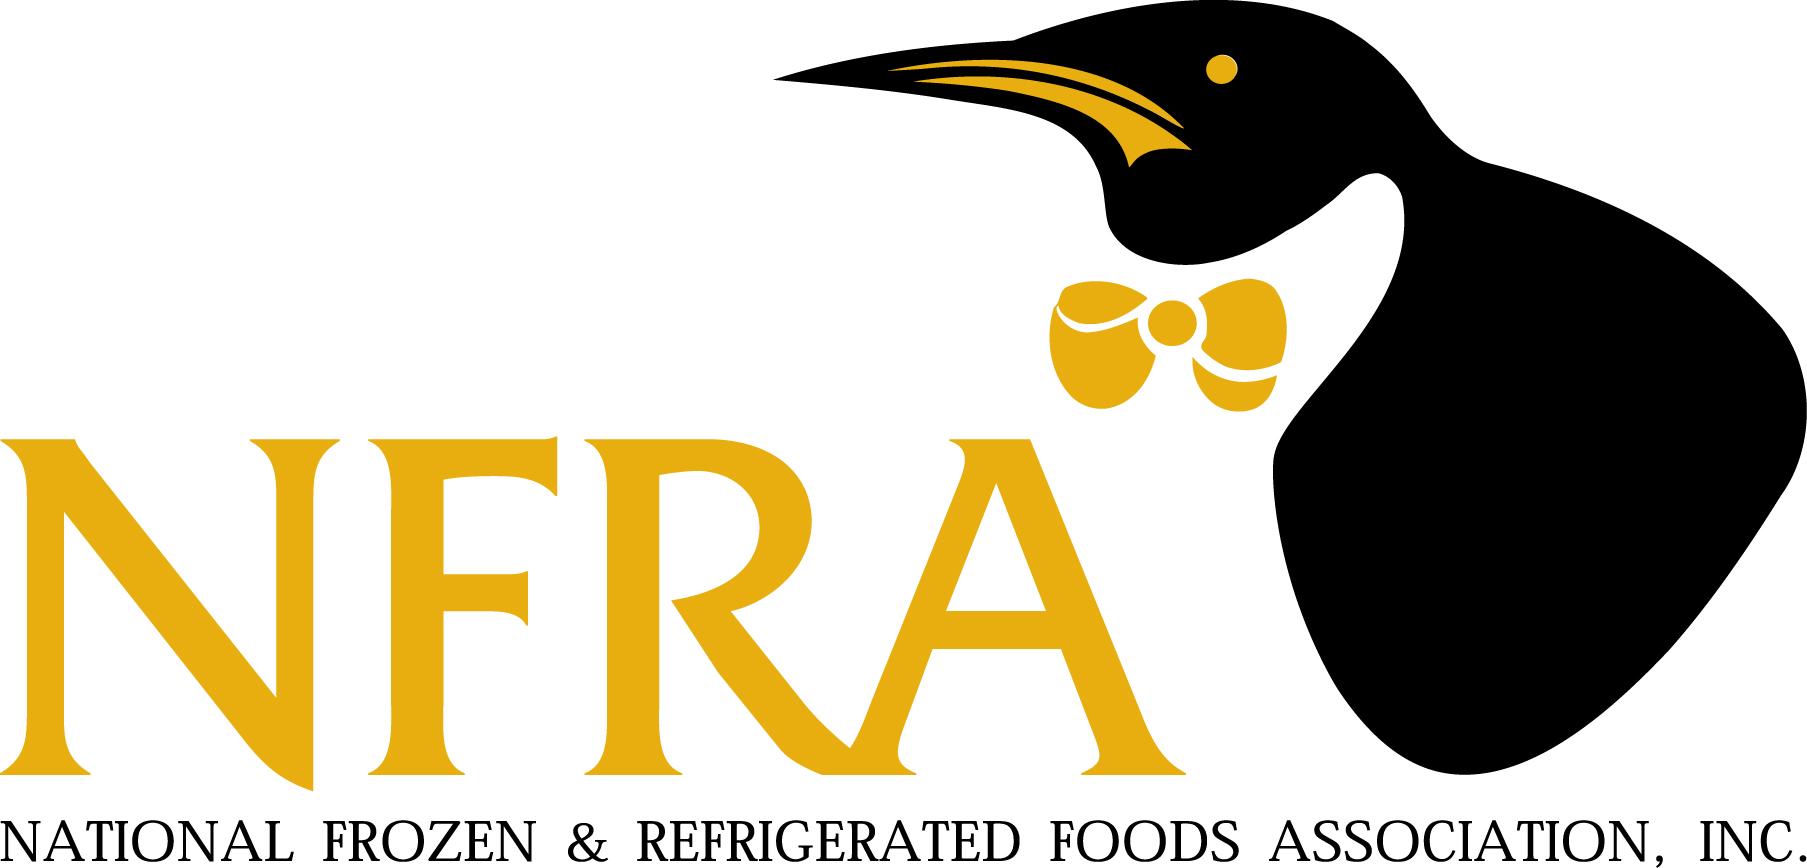 NFRA Logo JPG